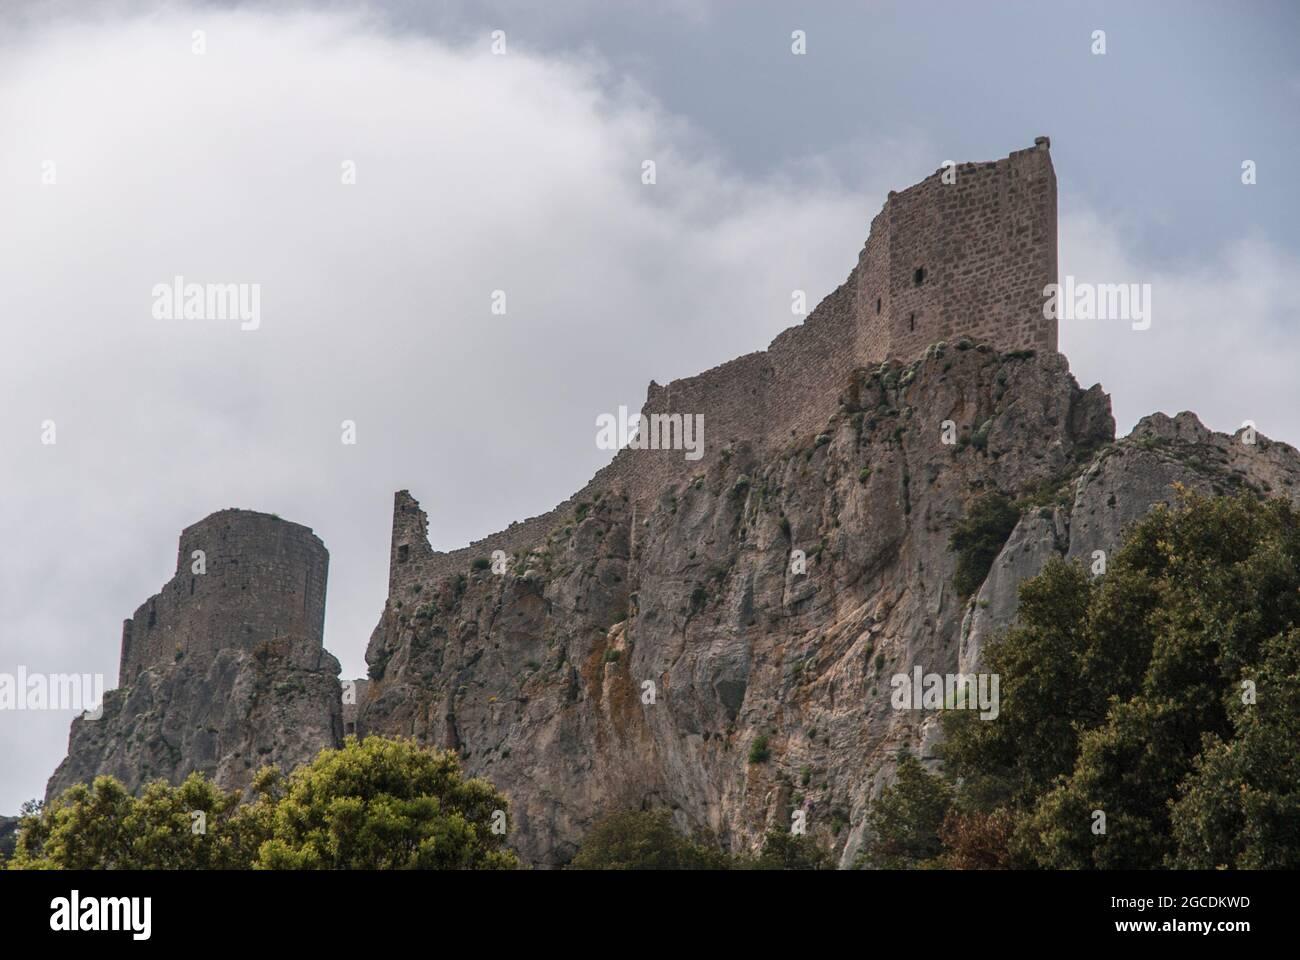 Die Burg Peyrepertuse, eine der berühmten Katharer Burgen in ...